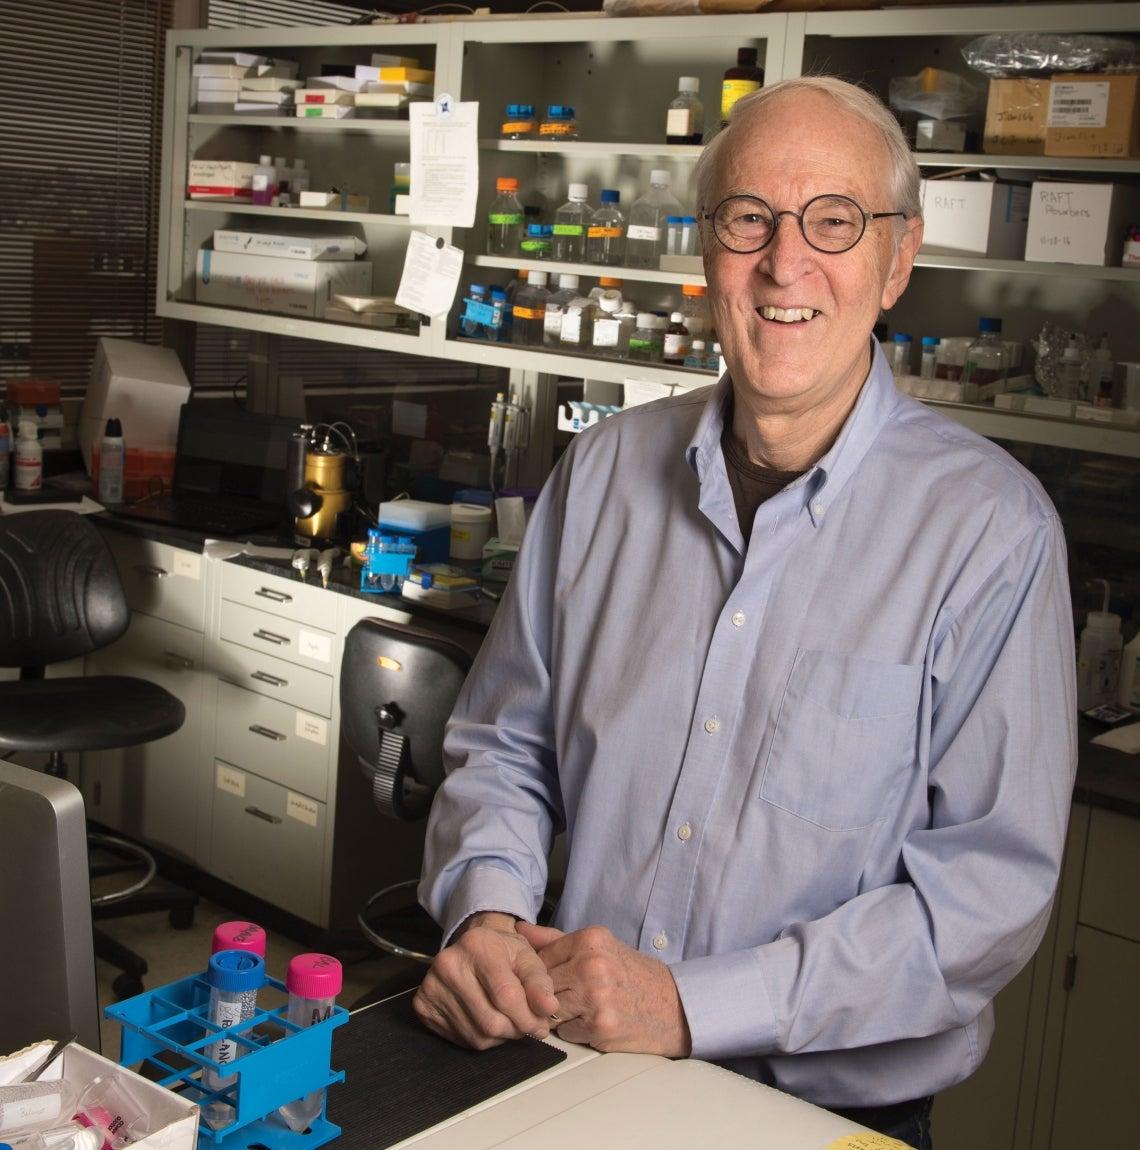 Jim Funderburgh in the lab